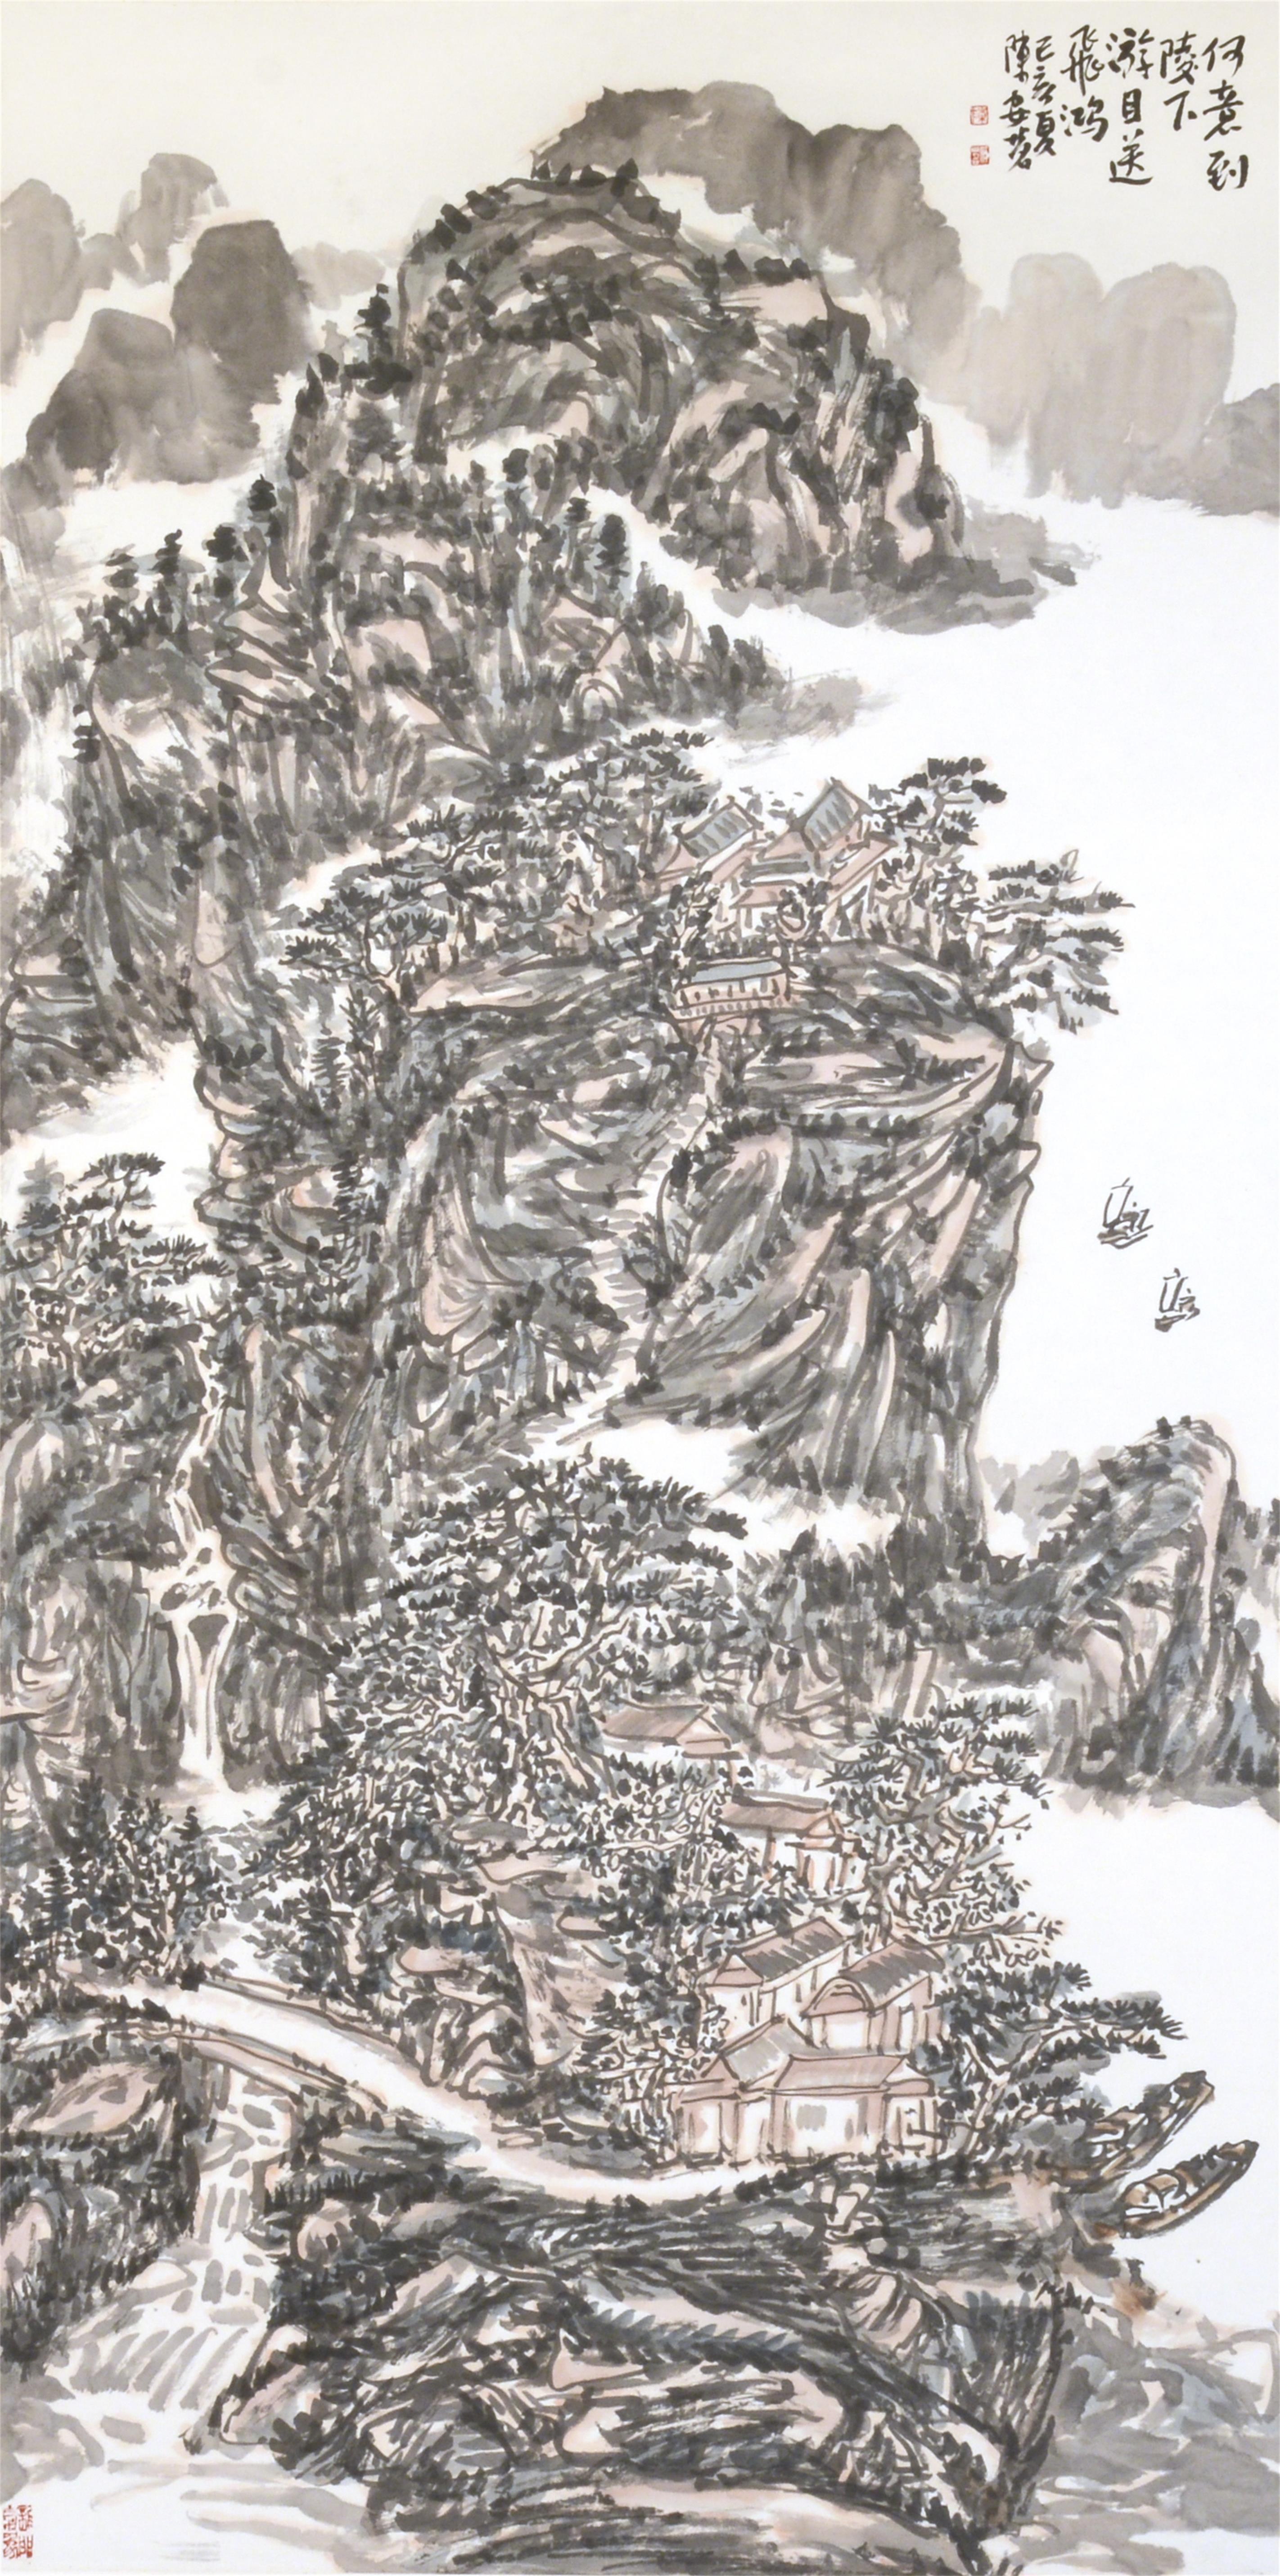 何意到陵下,游目送飞鸿(138x69cm)己亥夏 陈安明2019年创作